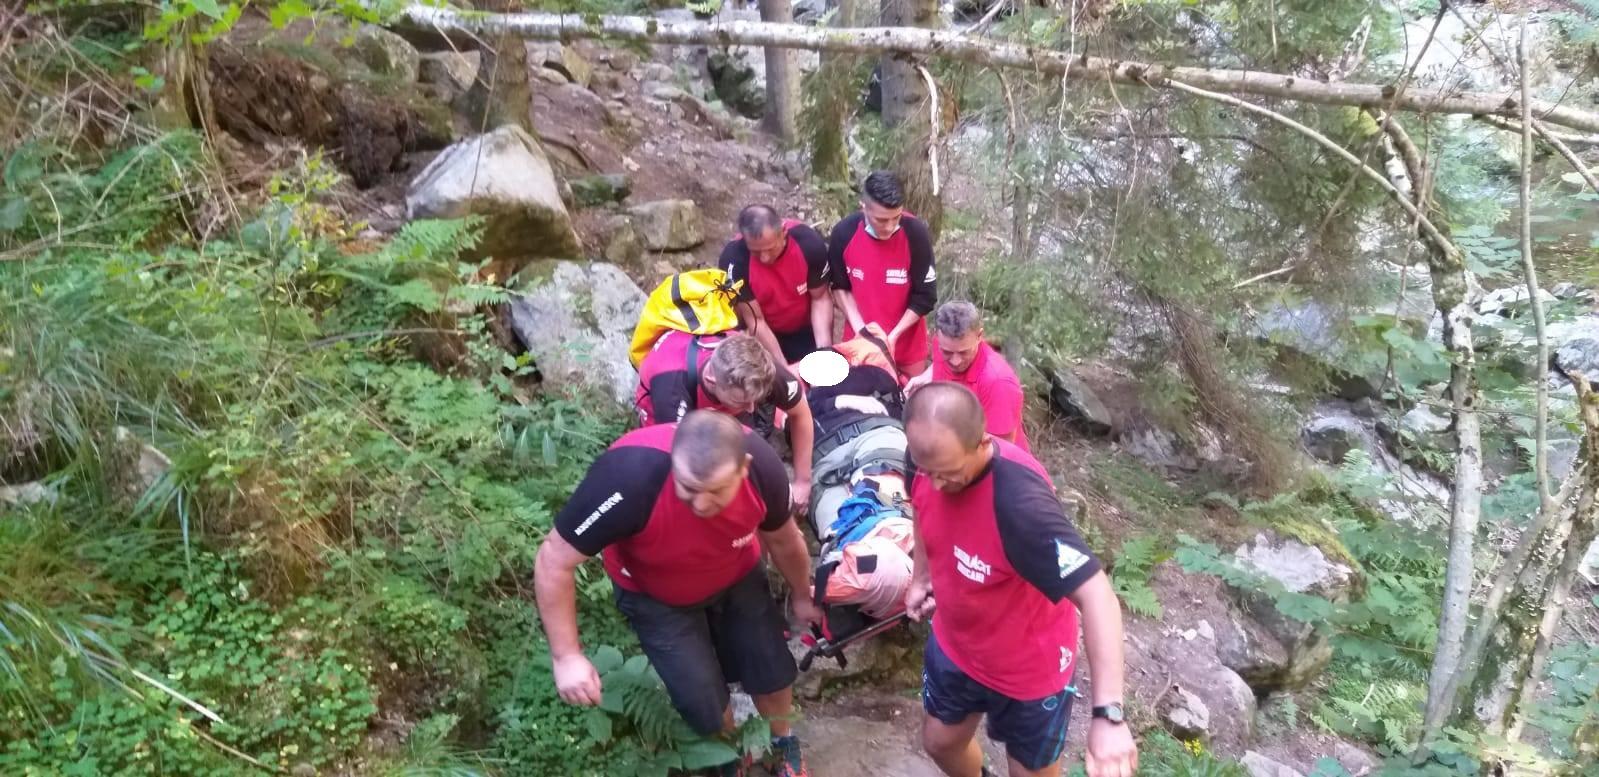 Turistă accidentată în Retezat, în zona cascadei Lazăru, preluată de salvamontiști cu grave leziuni